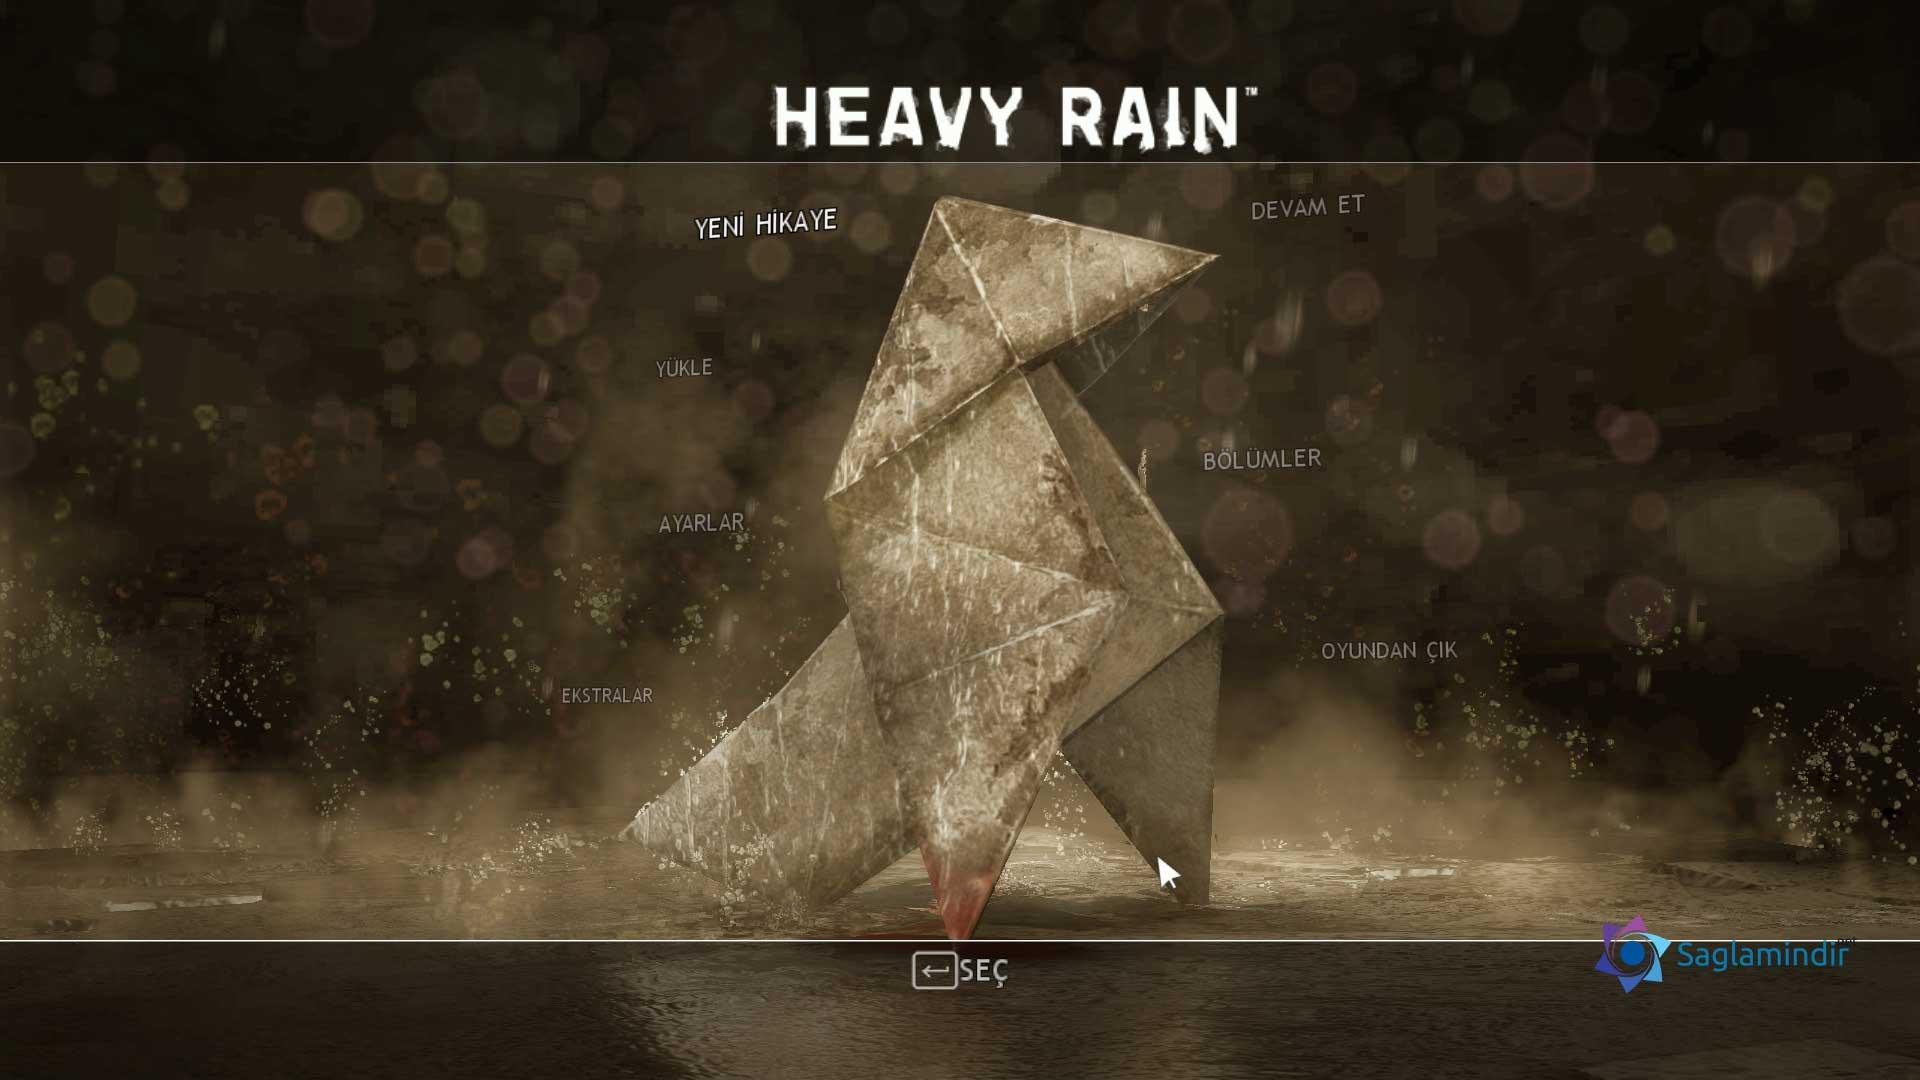 heavy rain saglamindir